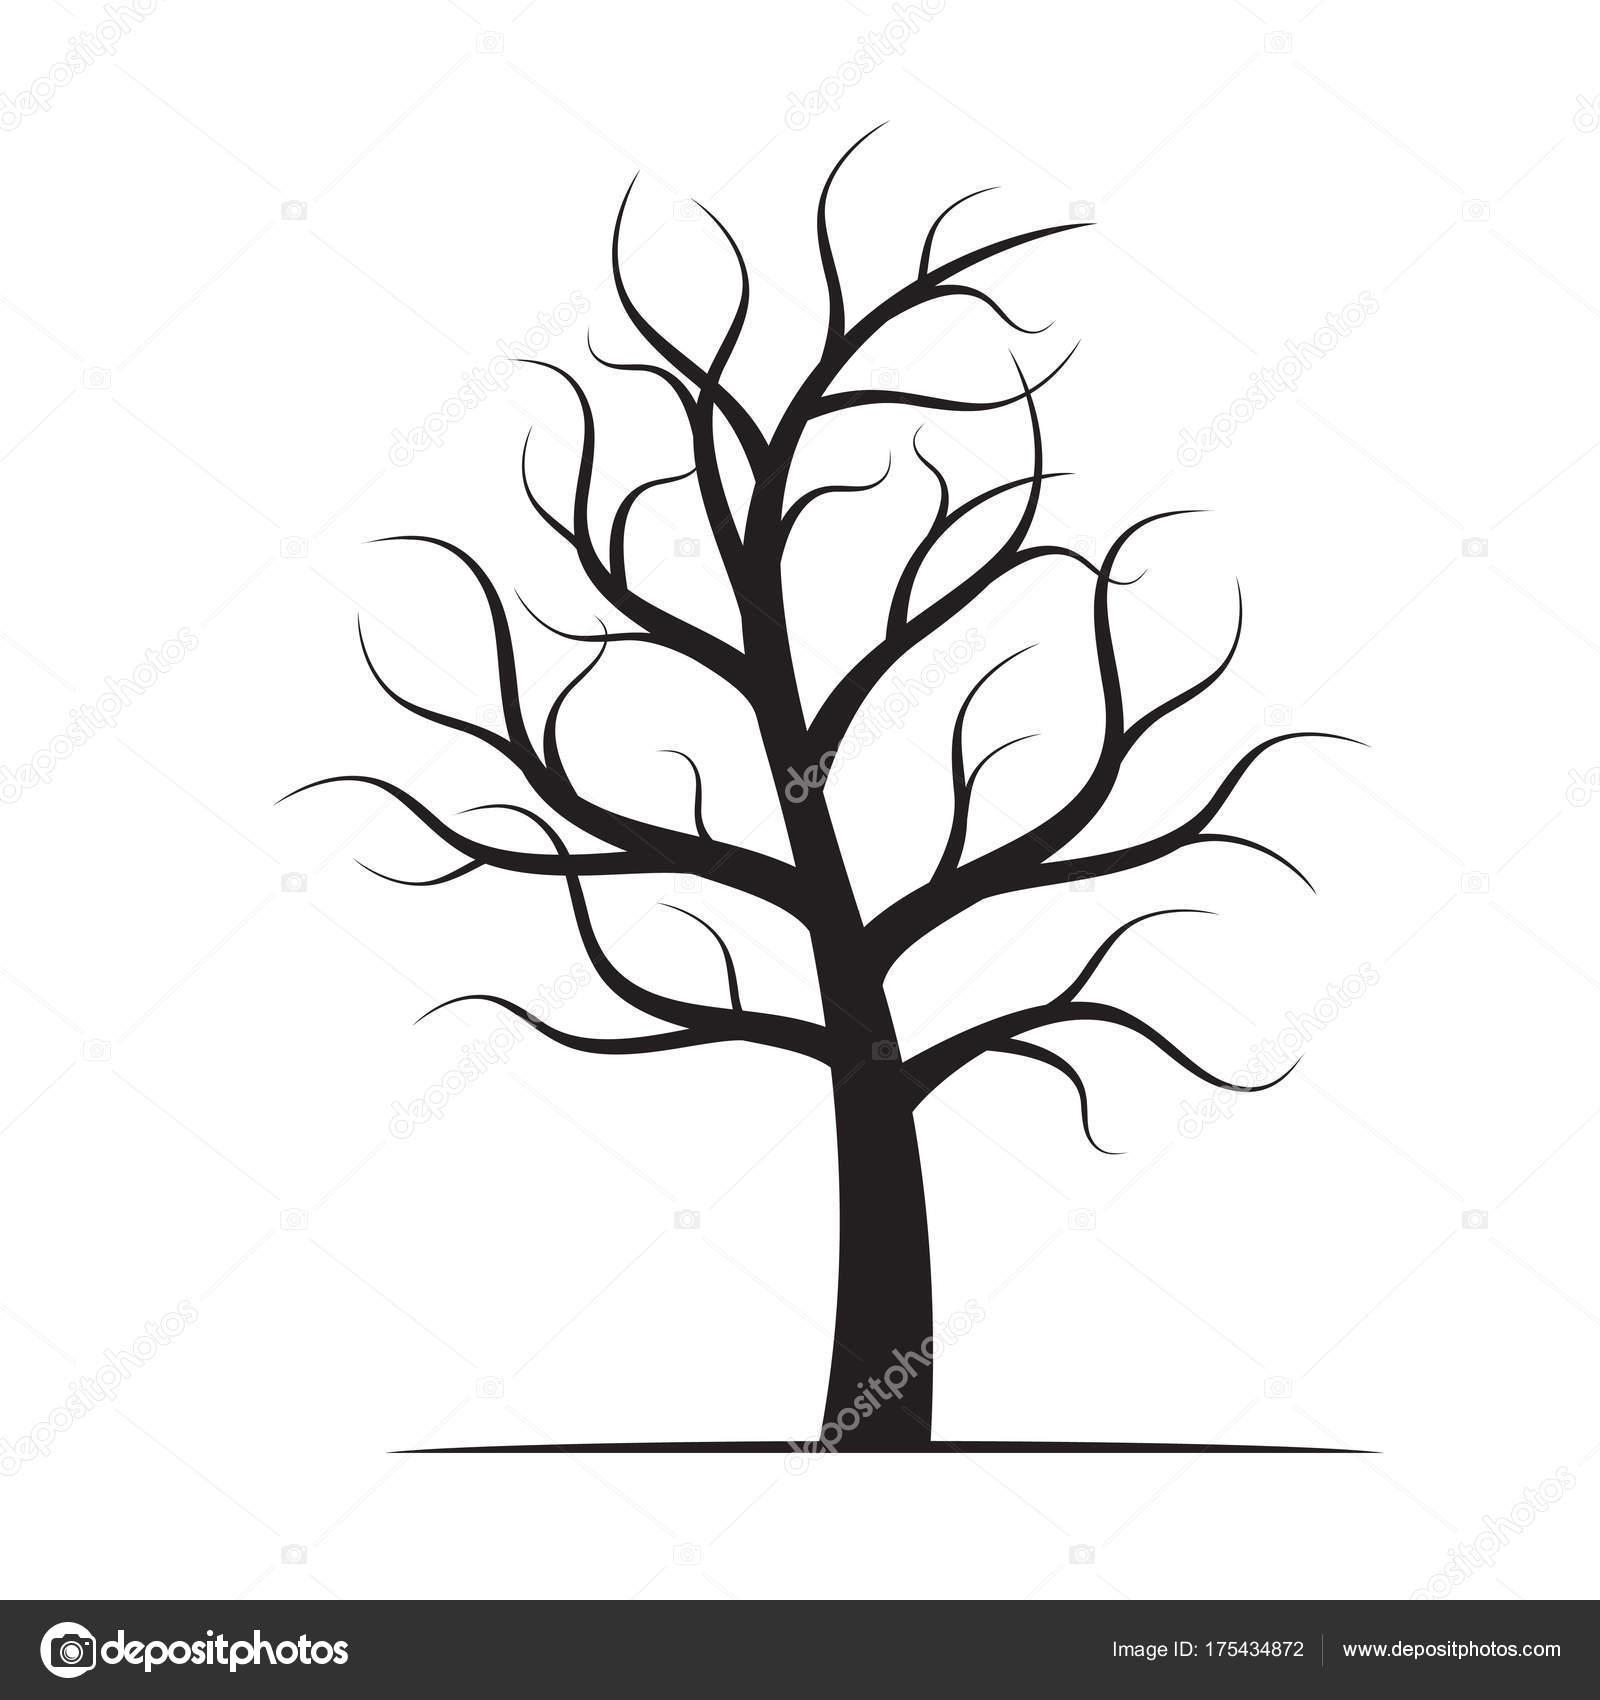 Black winter naked tree vector illustration stock - Dessin arbre nu ...